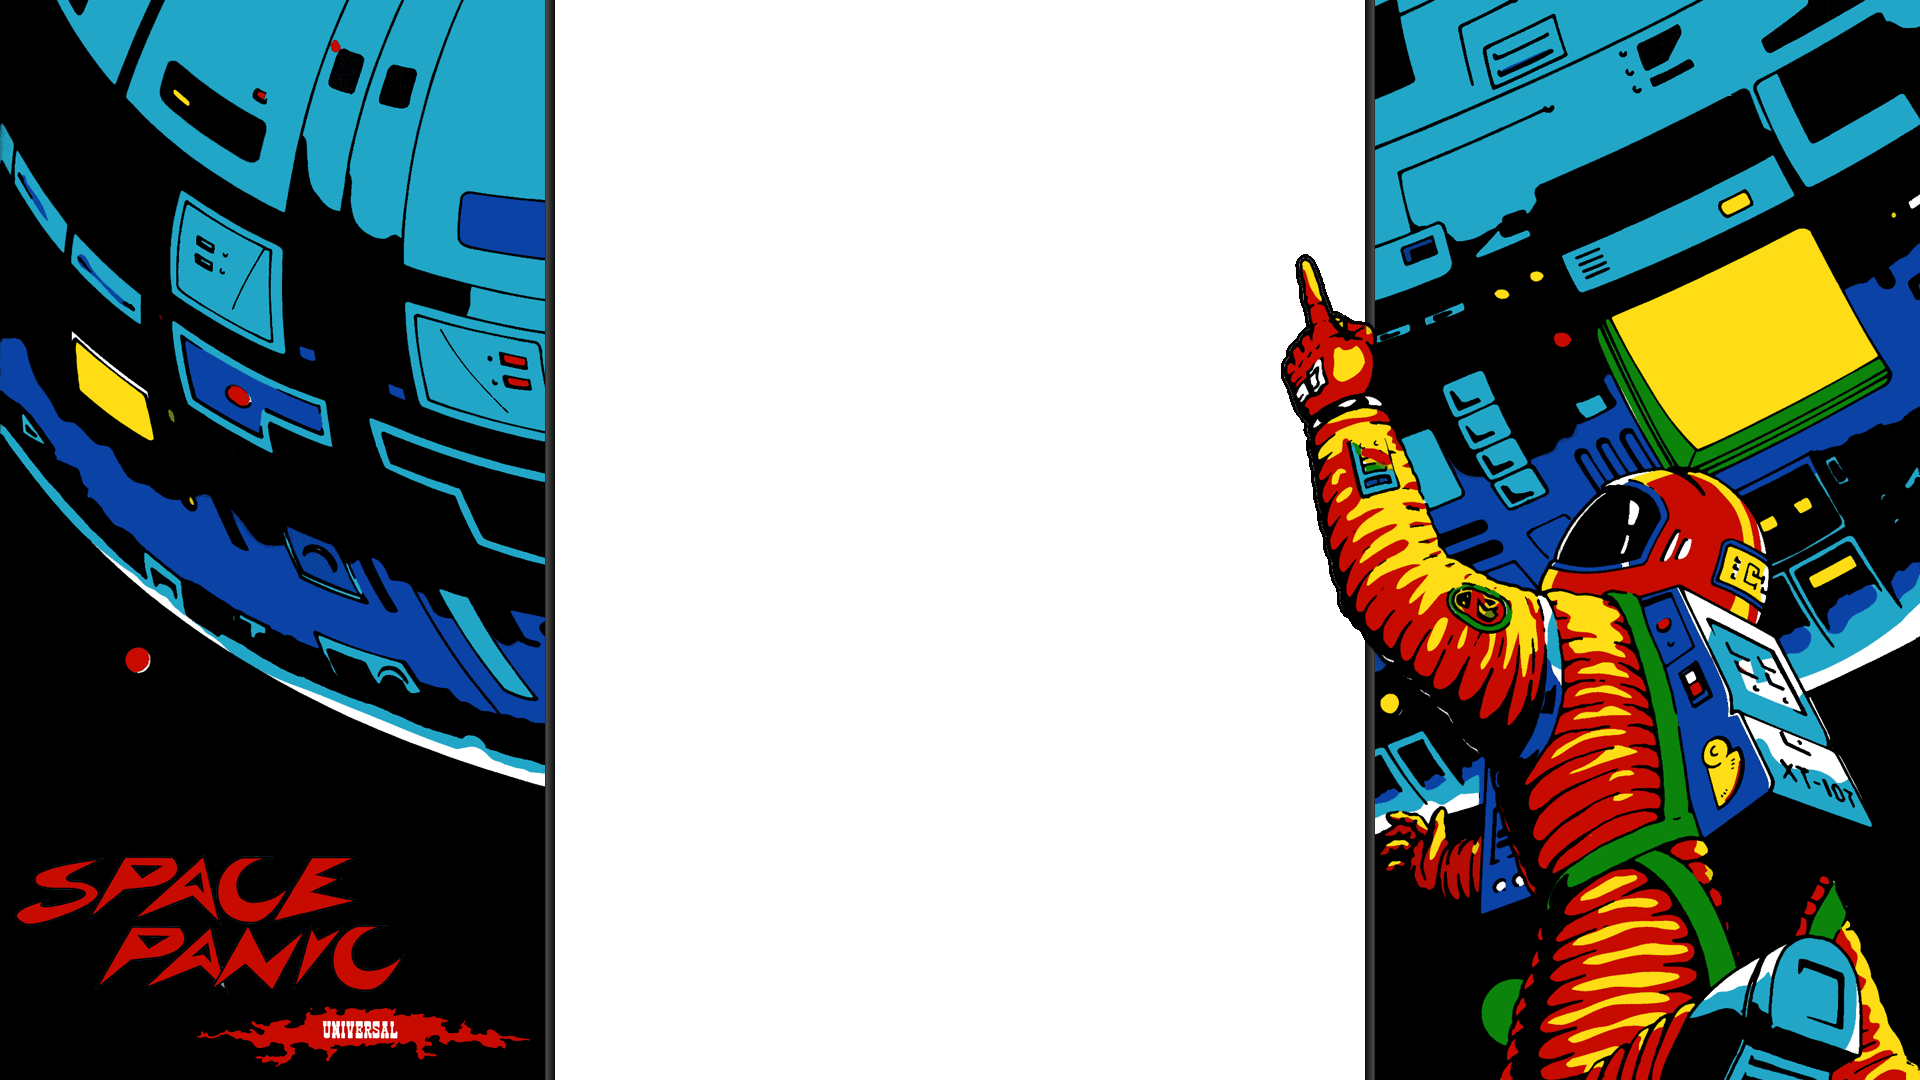 Space Panic 1080p overlay